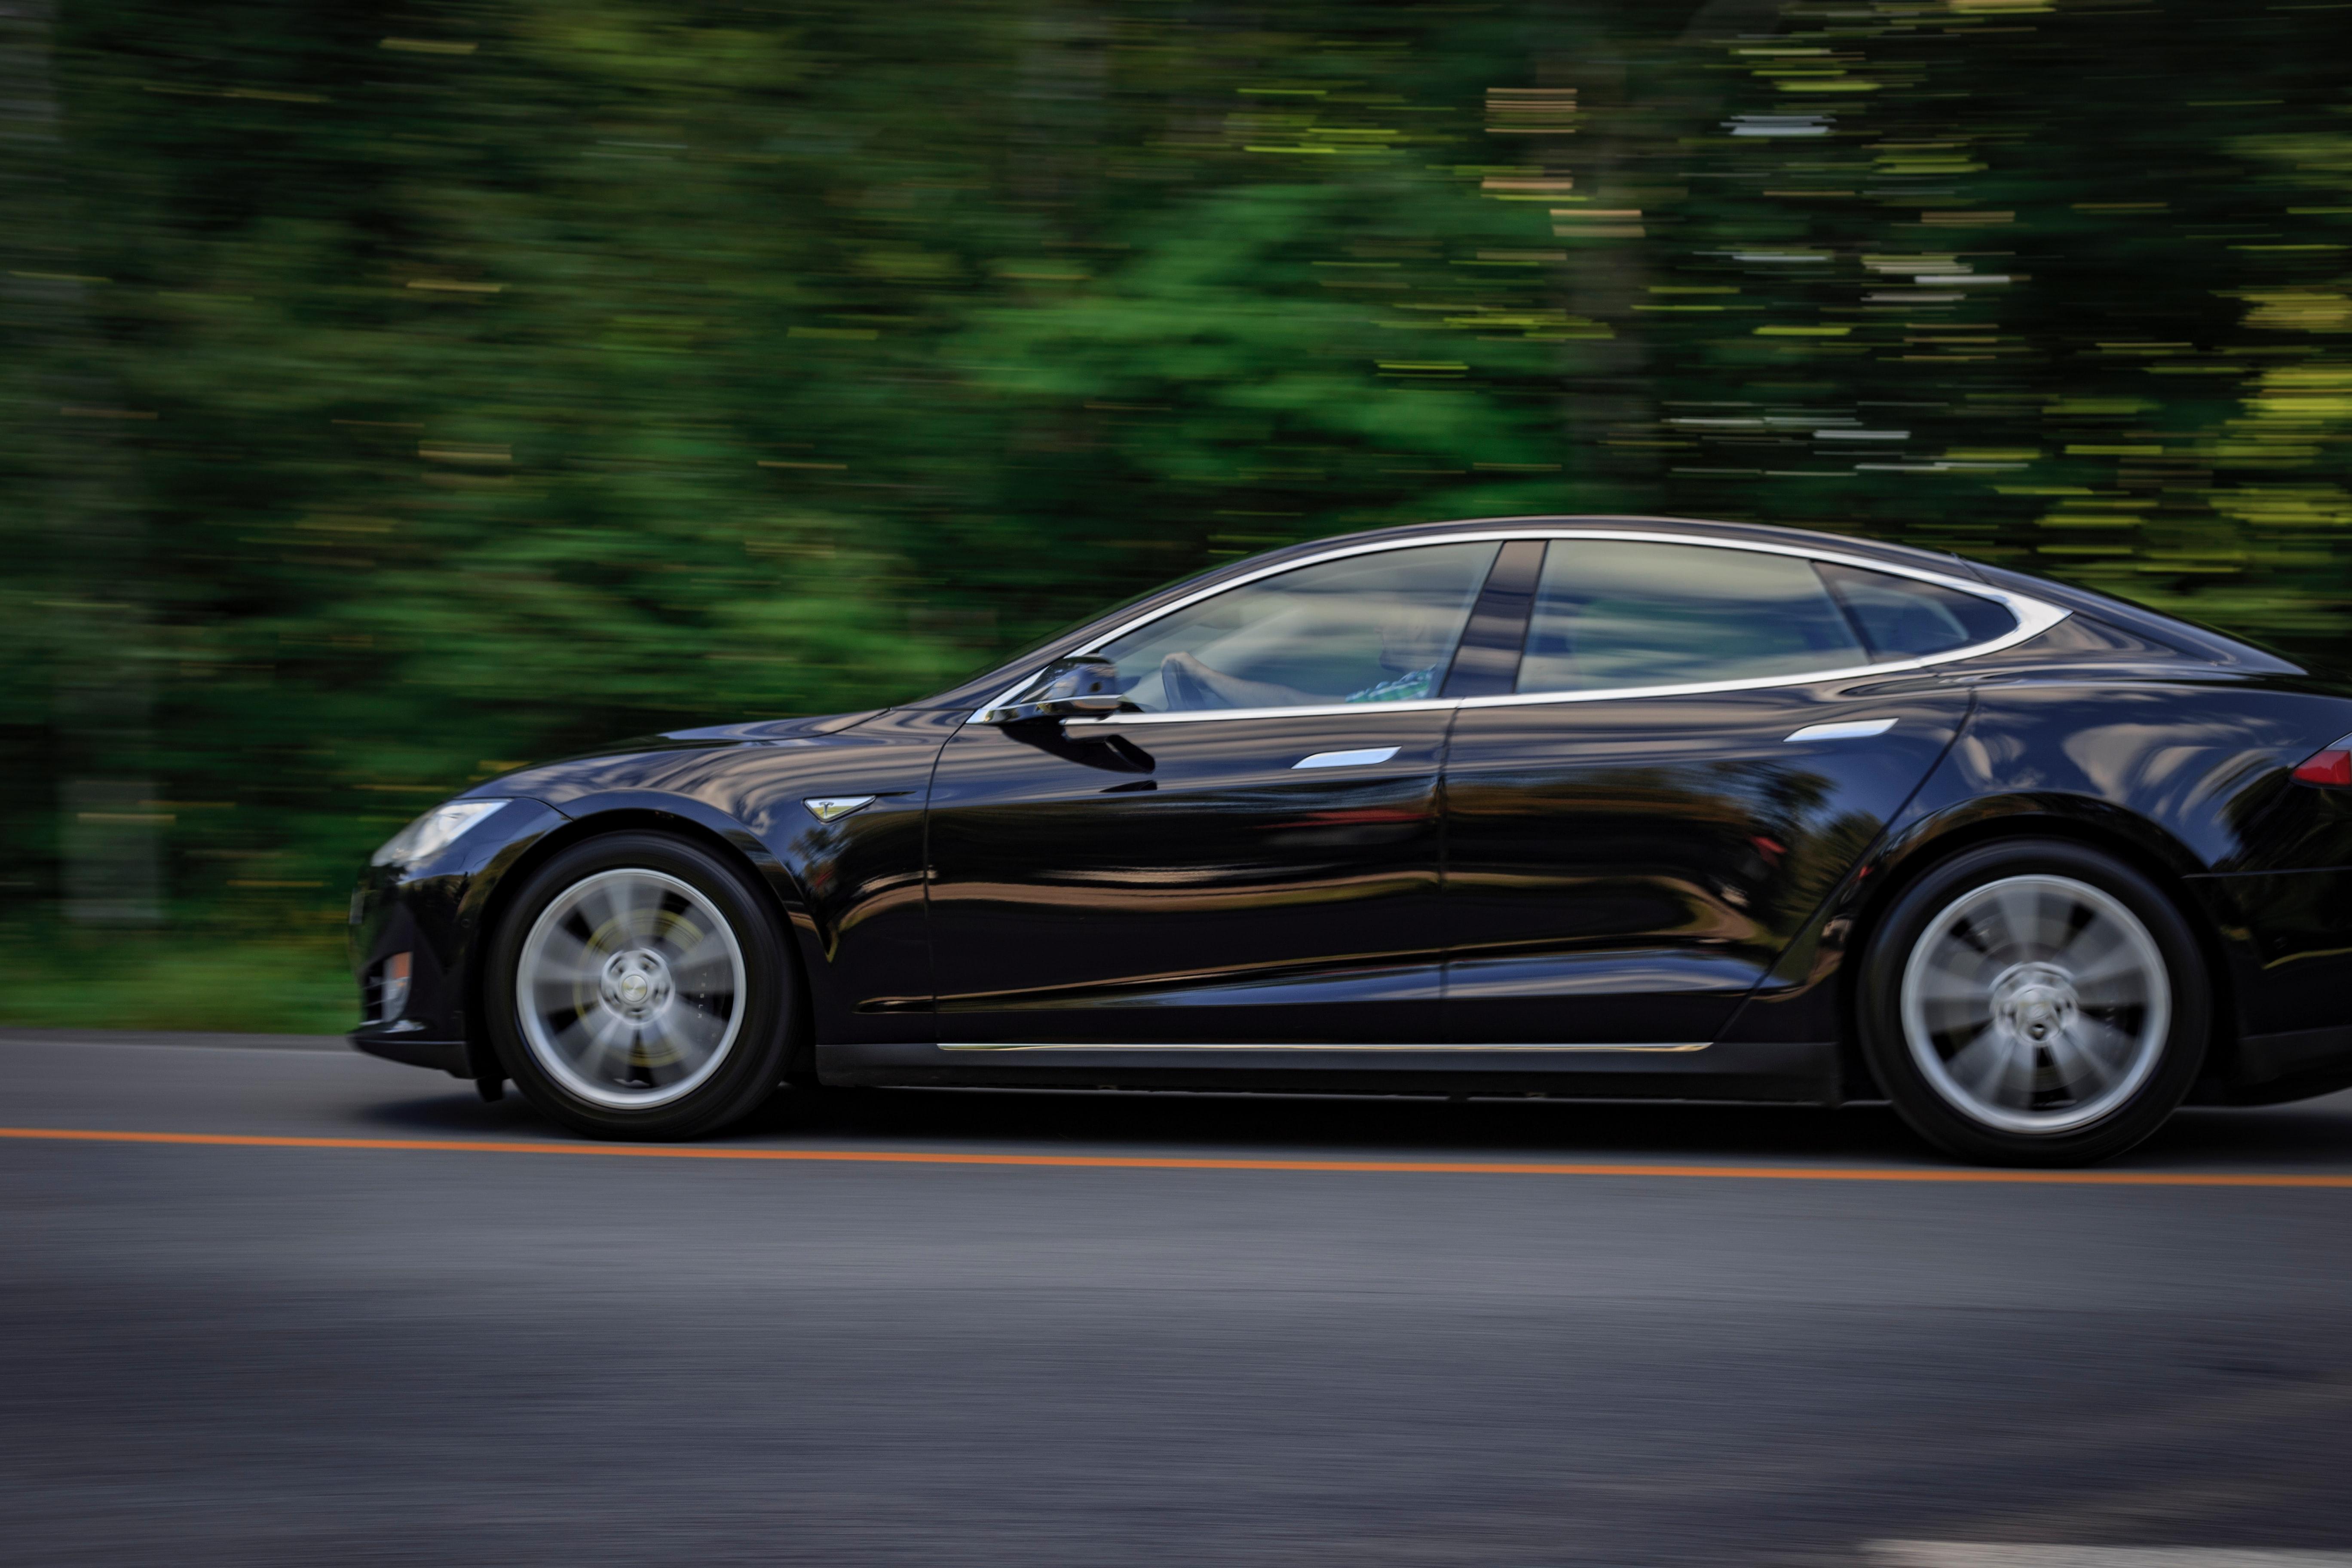 elektrische auto, onderzoek, c02 uitstoot, haters, ongelijk